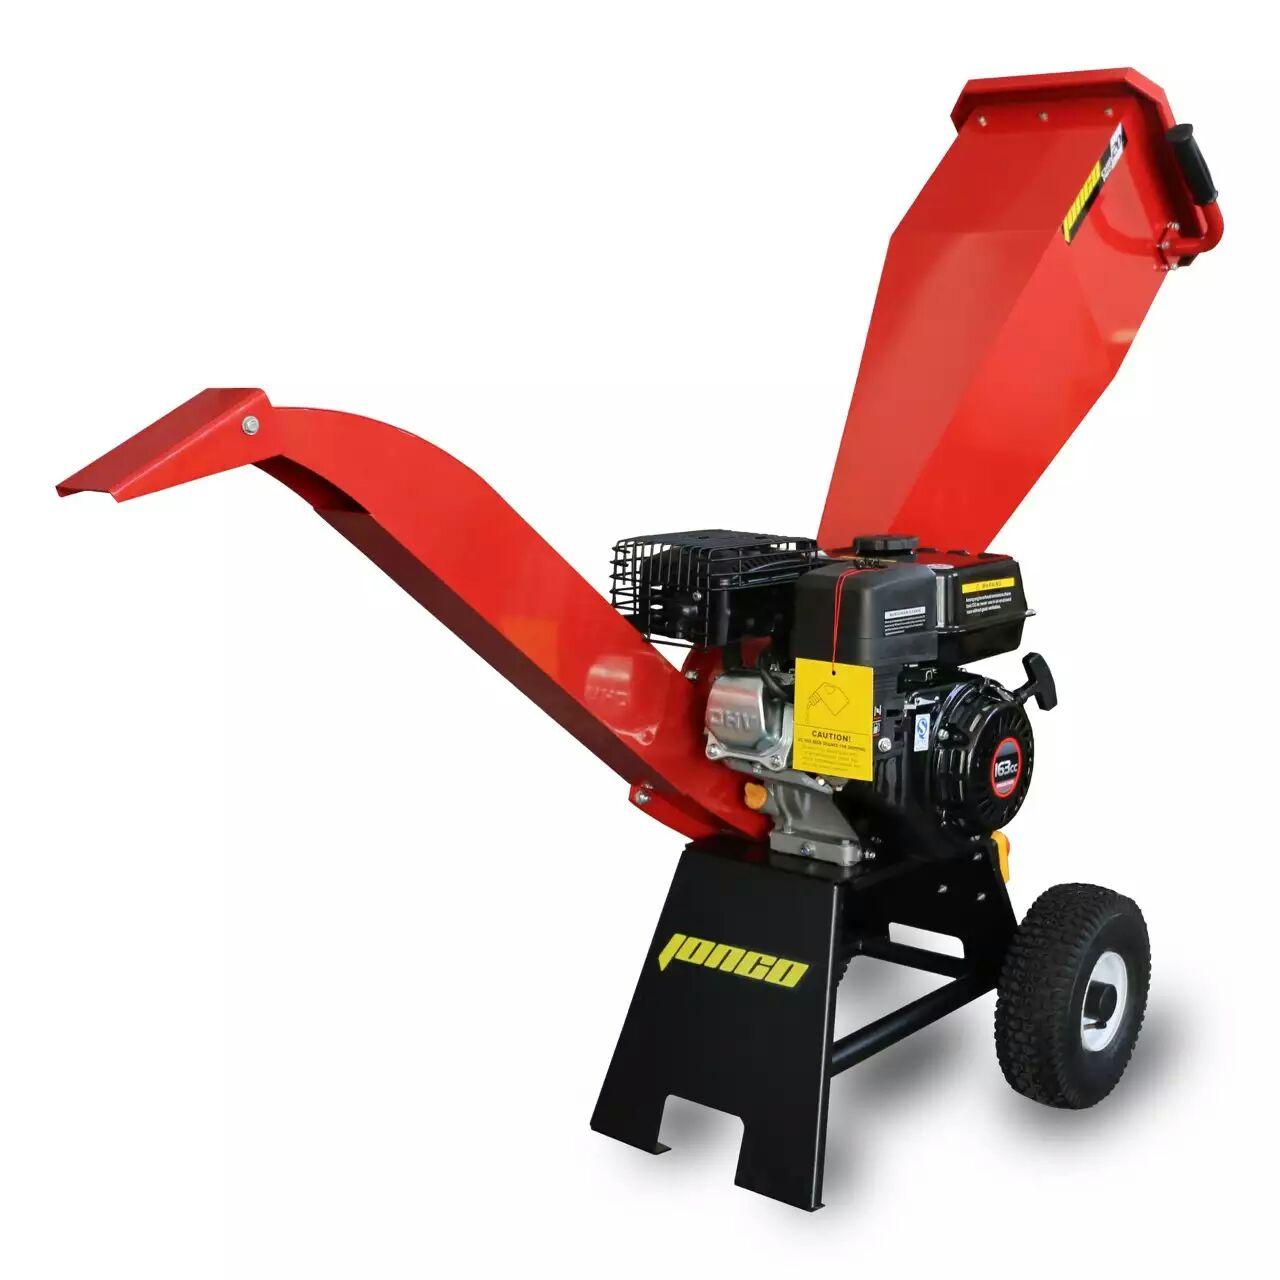 洋工cp20碎枝机/果树枝粉碎机,高效率,轻便移动式,汽油机动力粉碎机